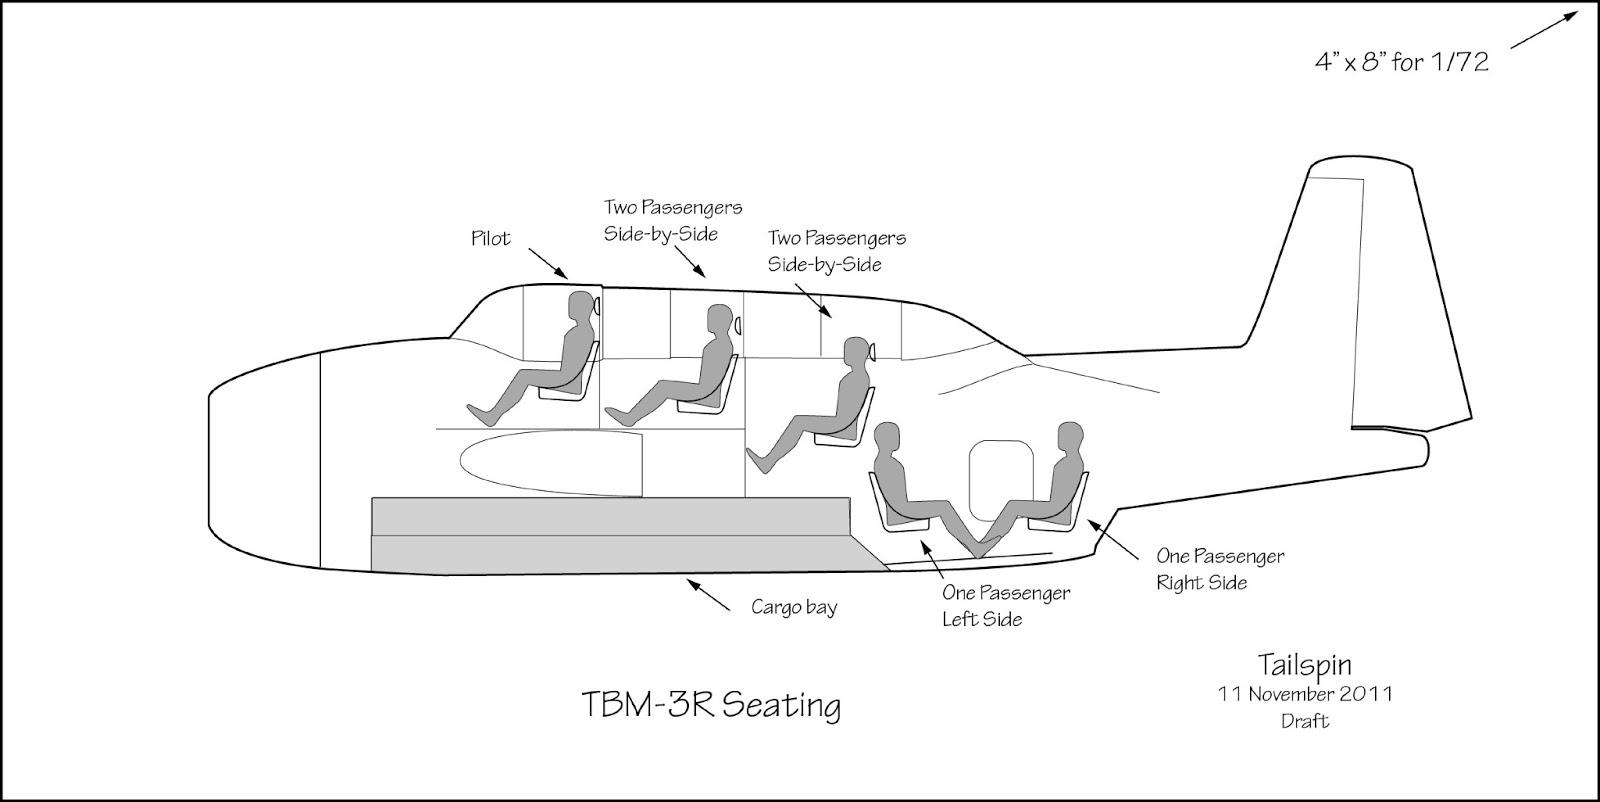 ar 15 schematic